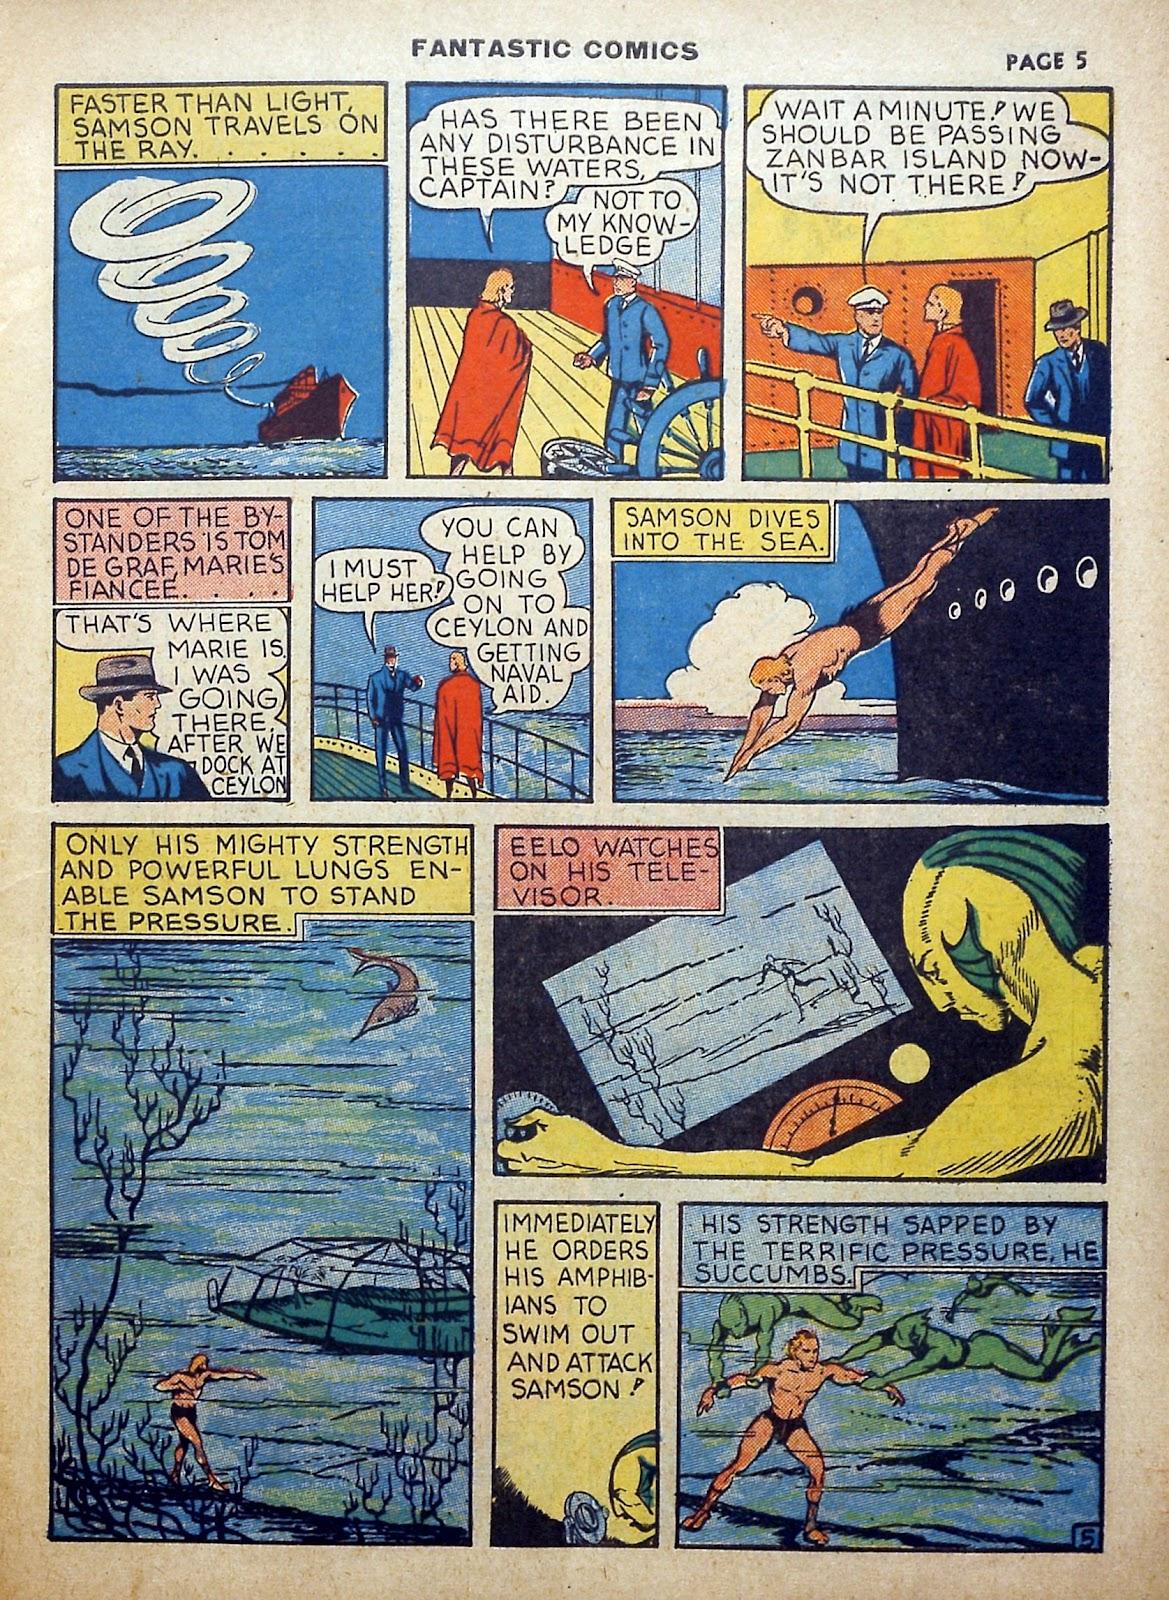 Read online Fantastic Comics comic -  Issue #5 - 6